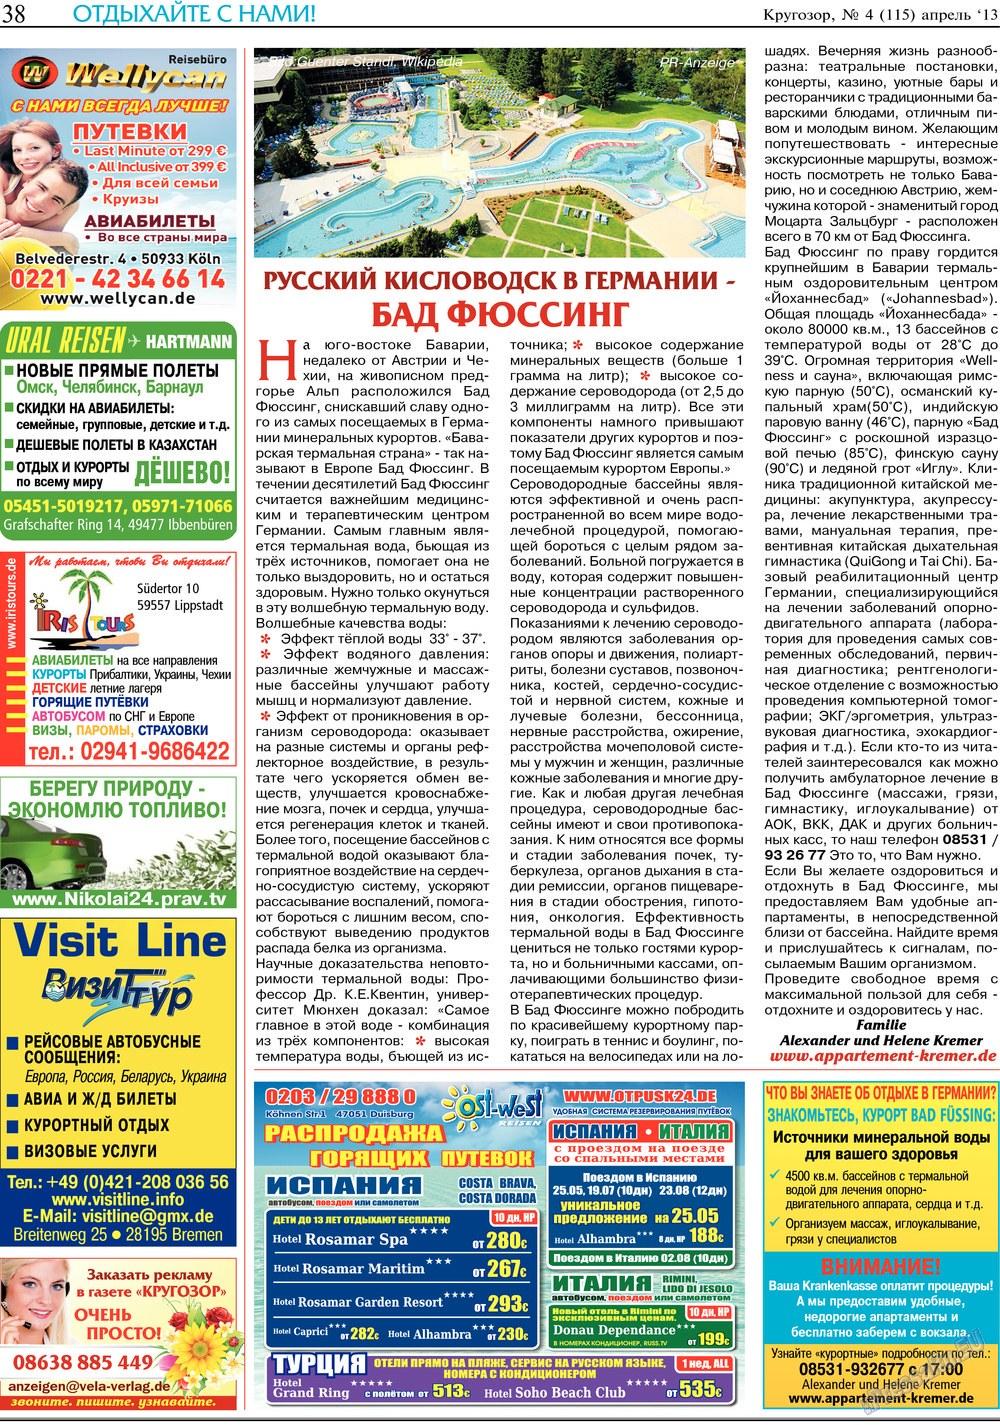 Кругозор (газета). 2013 год, номер 5, стр. 38